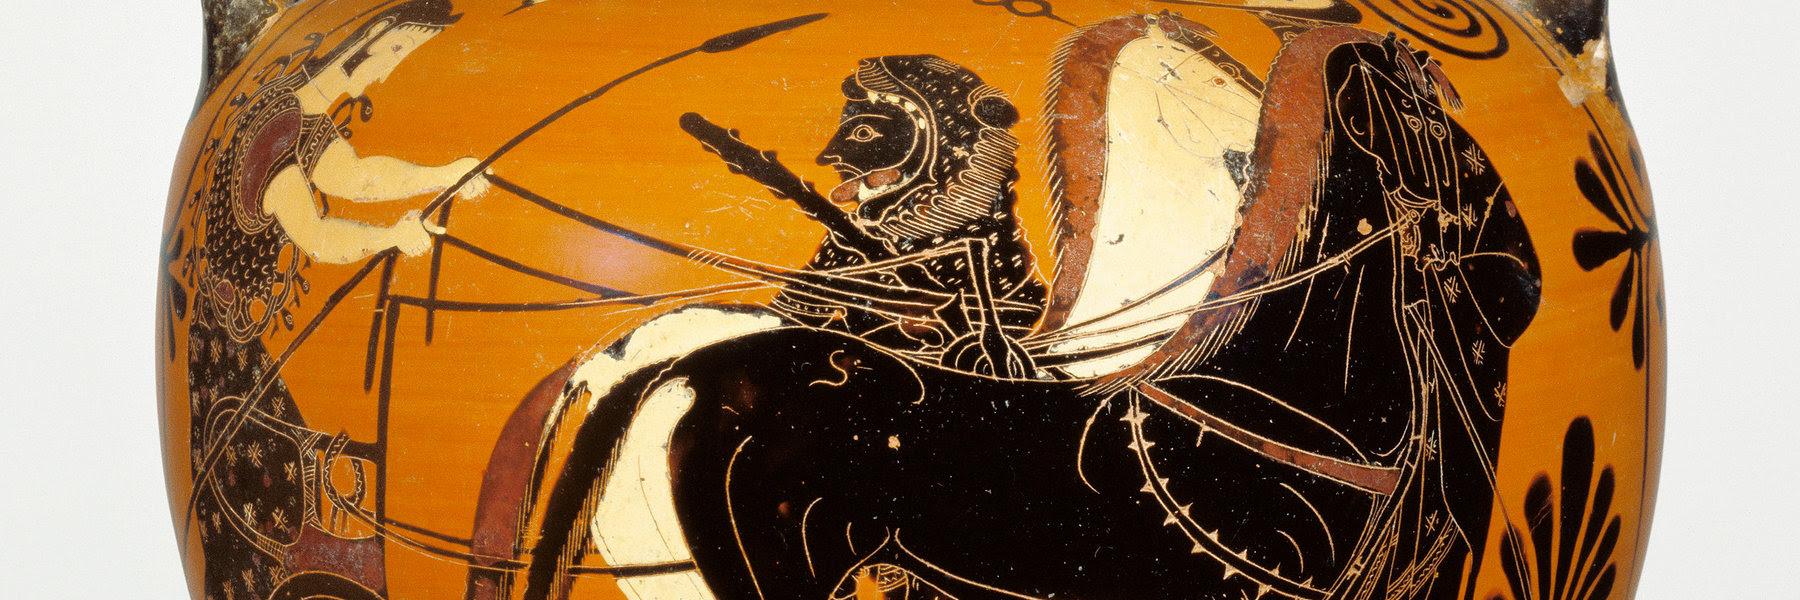 http://kerameikos.org/ui/images/banner.jpg